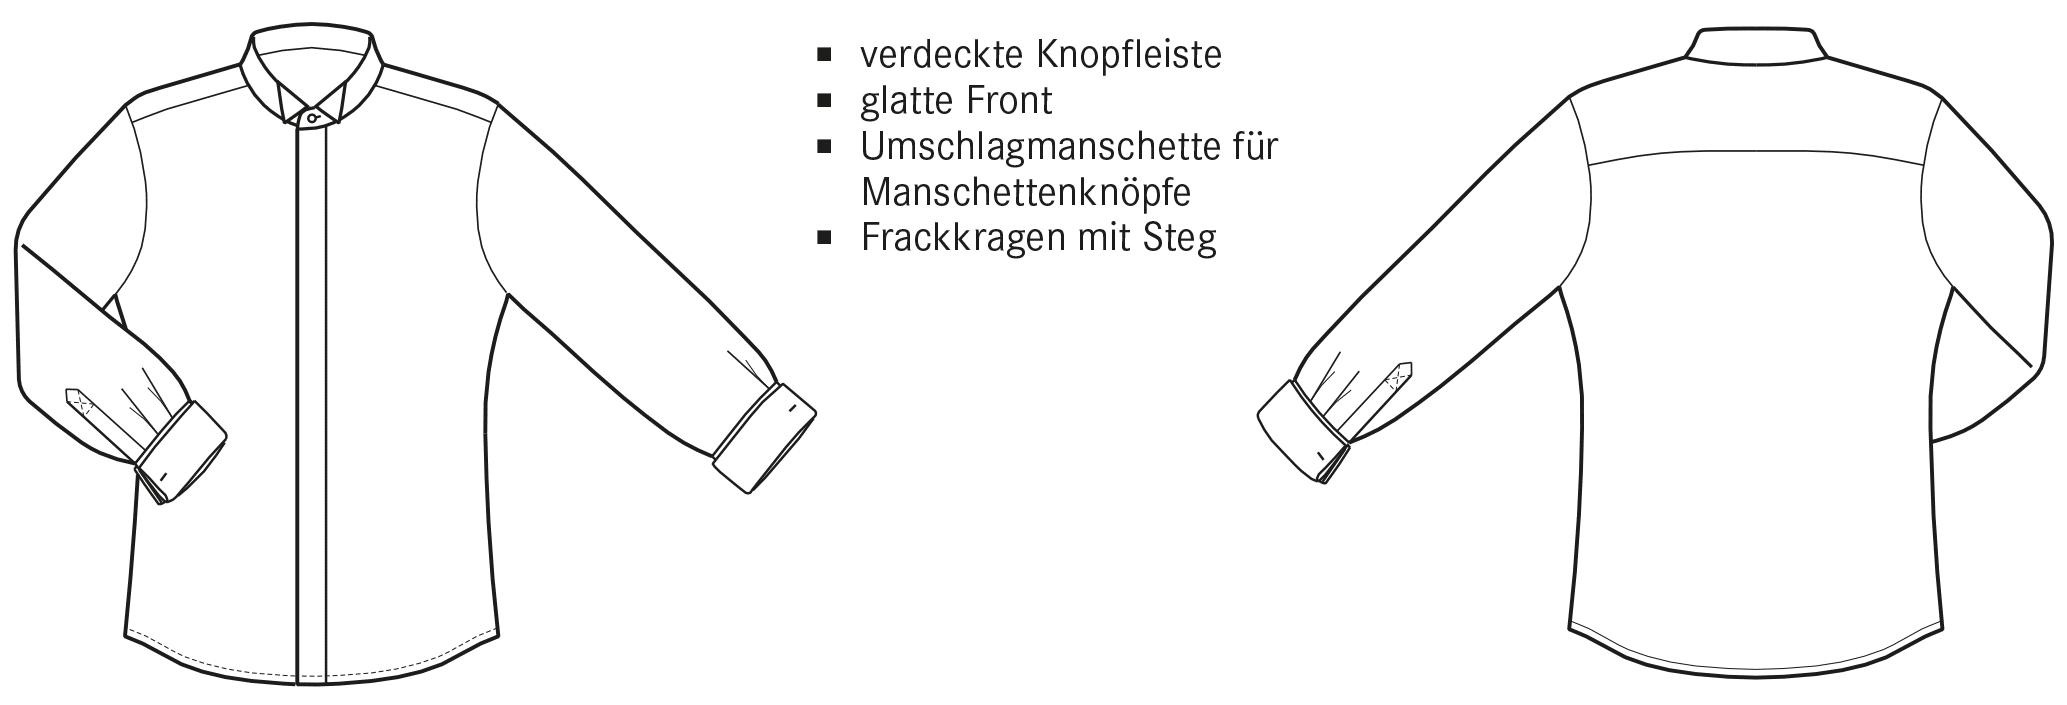 Die technische Zeichnung von einem Hemd mit Frackkragen ist abgebildet.